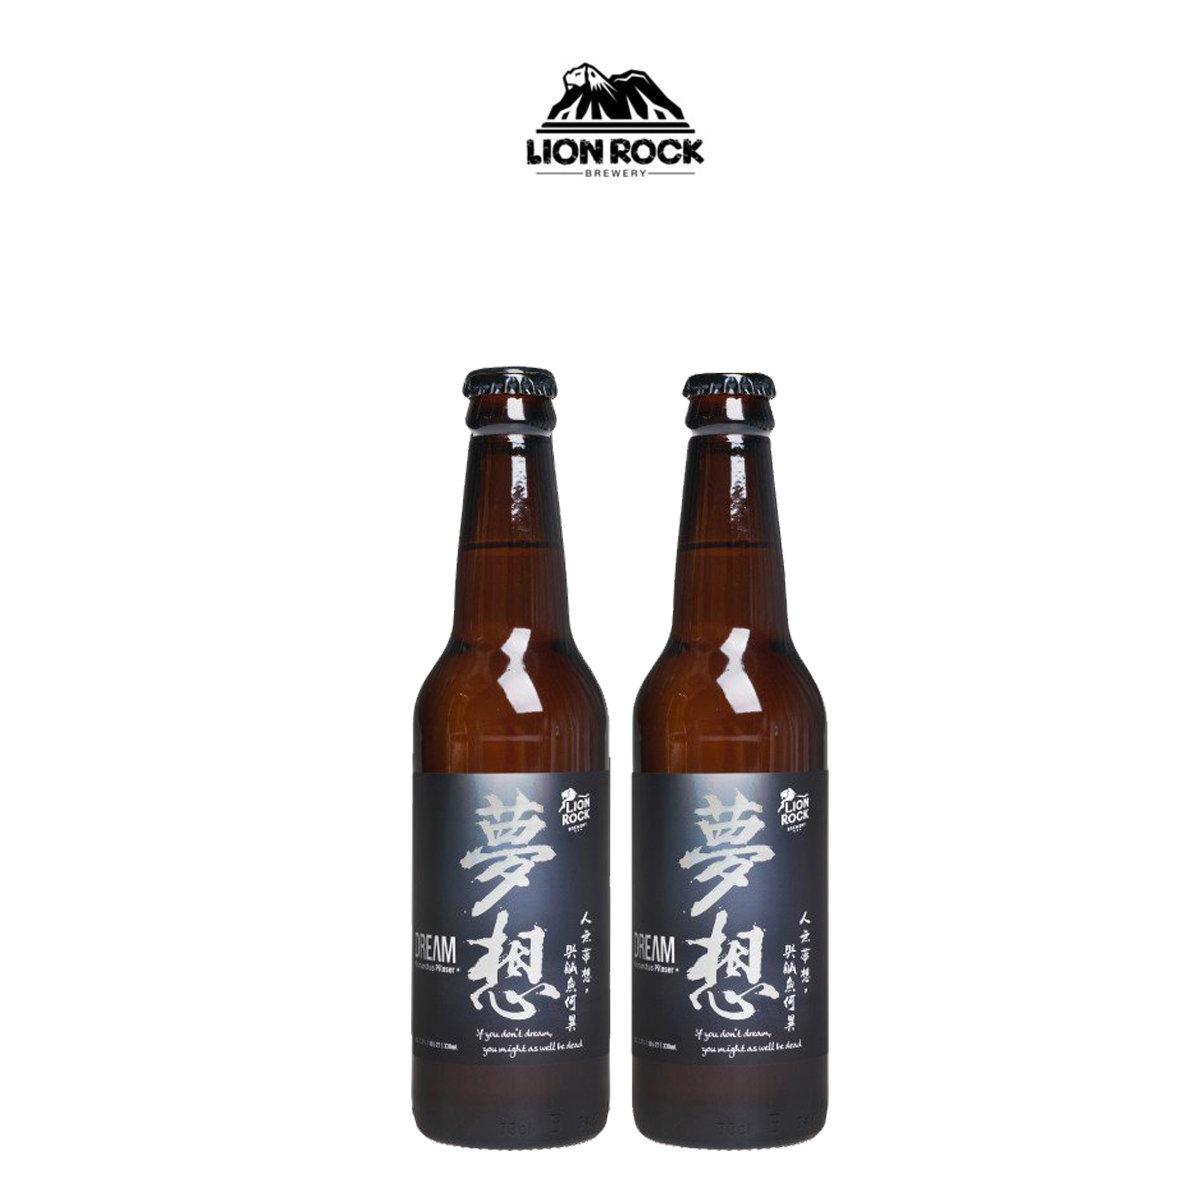 獅子山啤 - 夢想孖裝